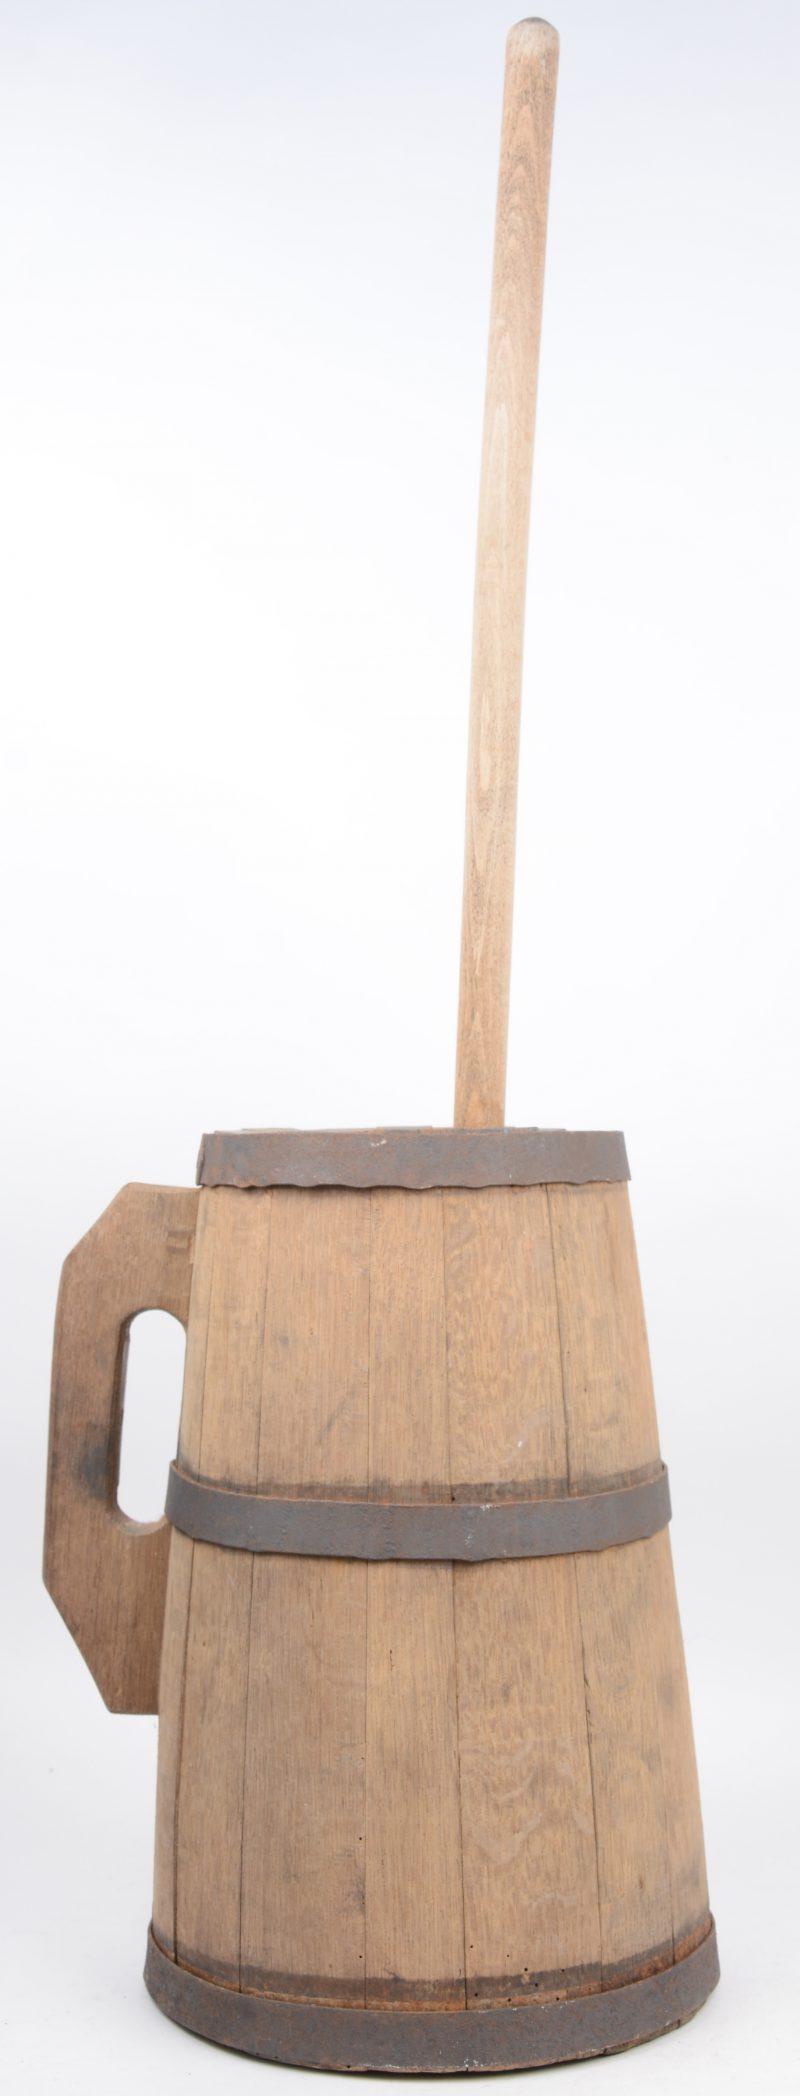 Een oude houten boterkarner.